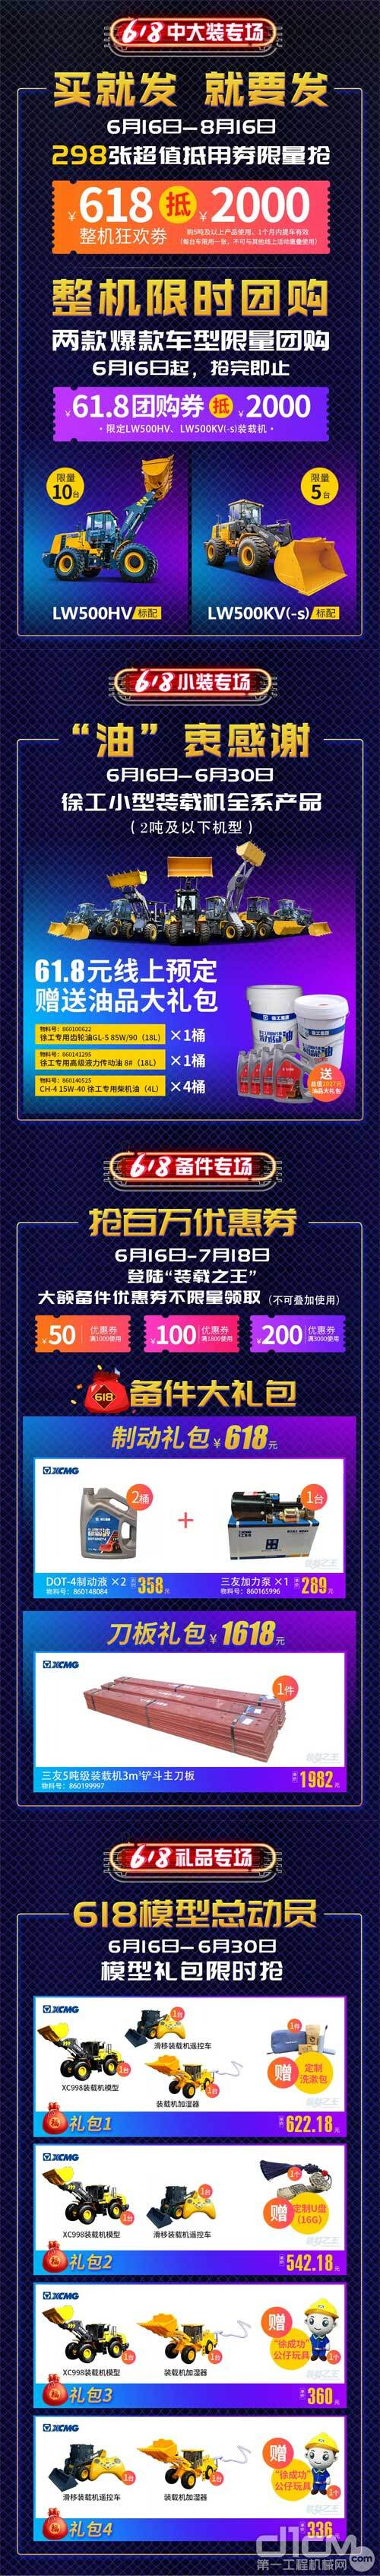 """徐工""""装载之王""""促销海报"""